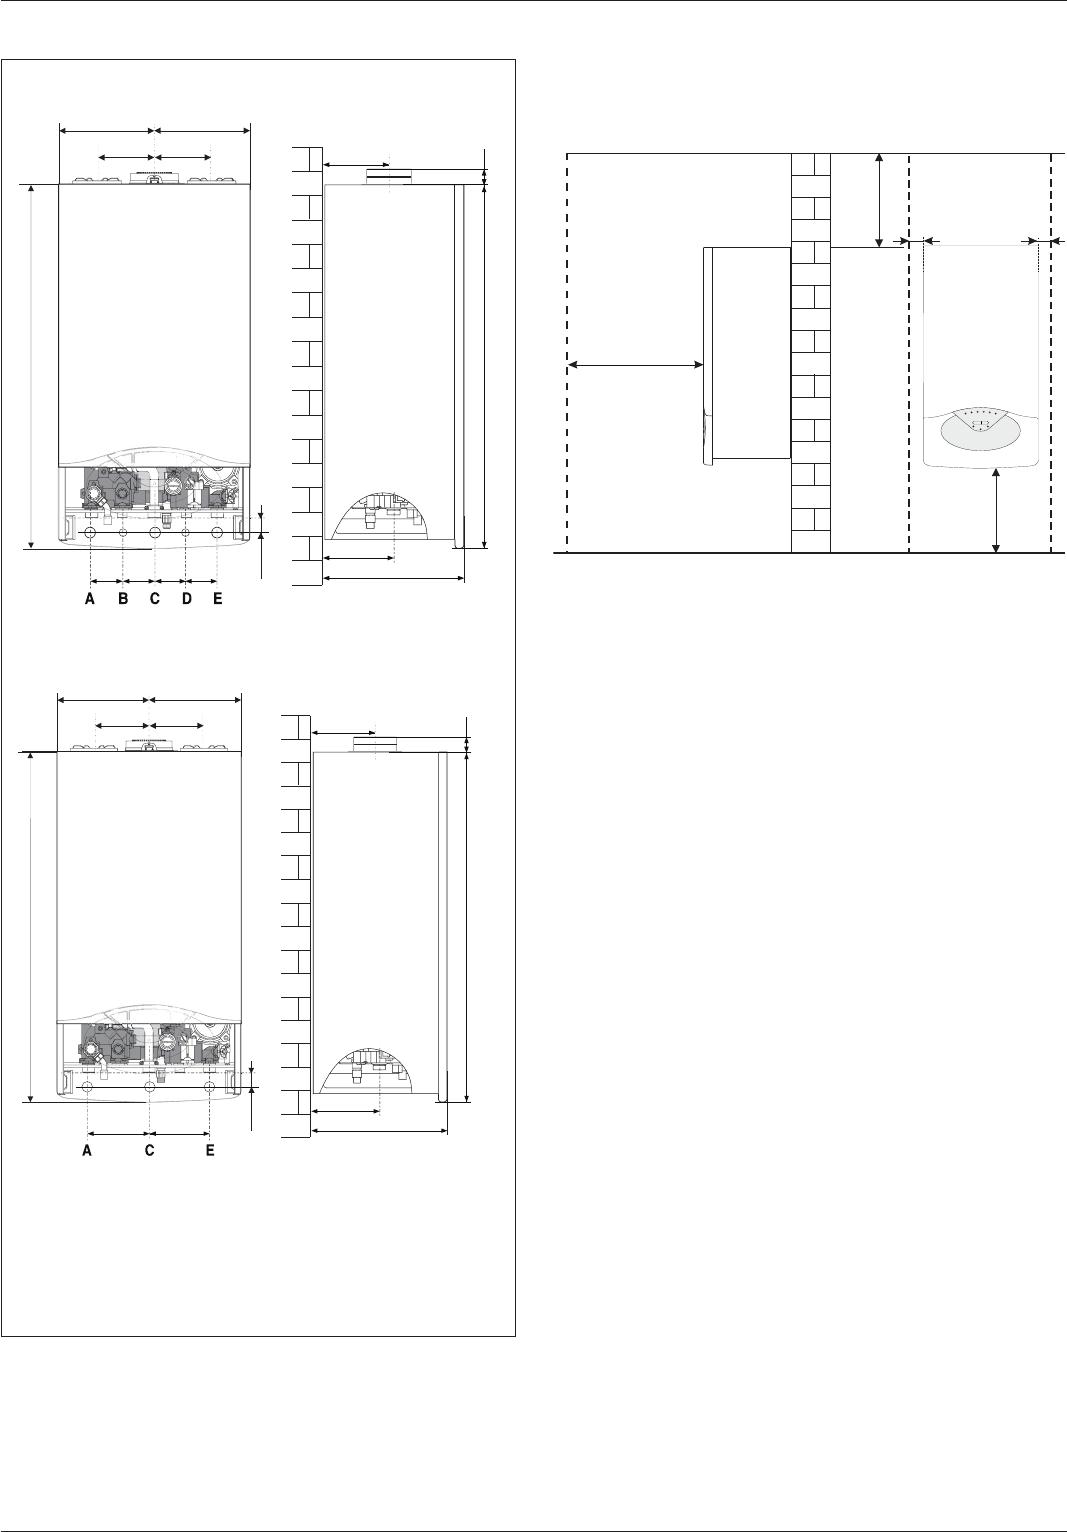 Combi boiler ariston combi boiler user manual ariston combi boiler user manual images asfbconference2016 Images